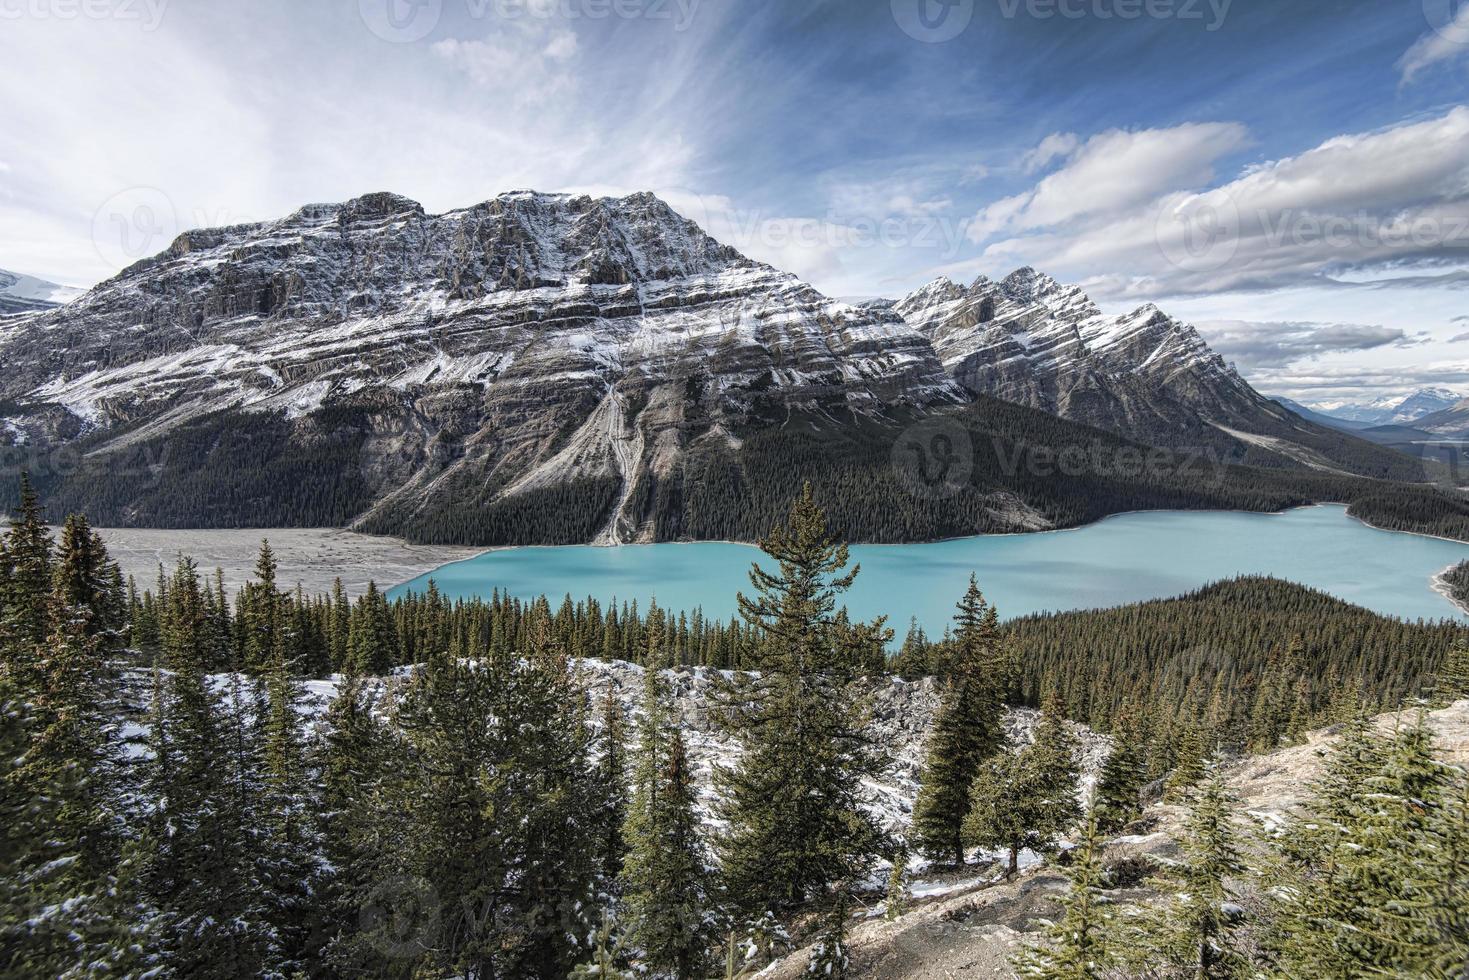 peyto lake panoramic foto